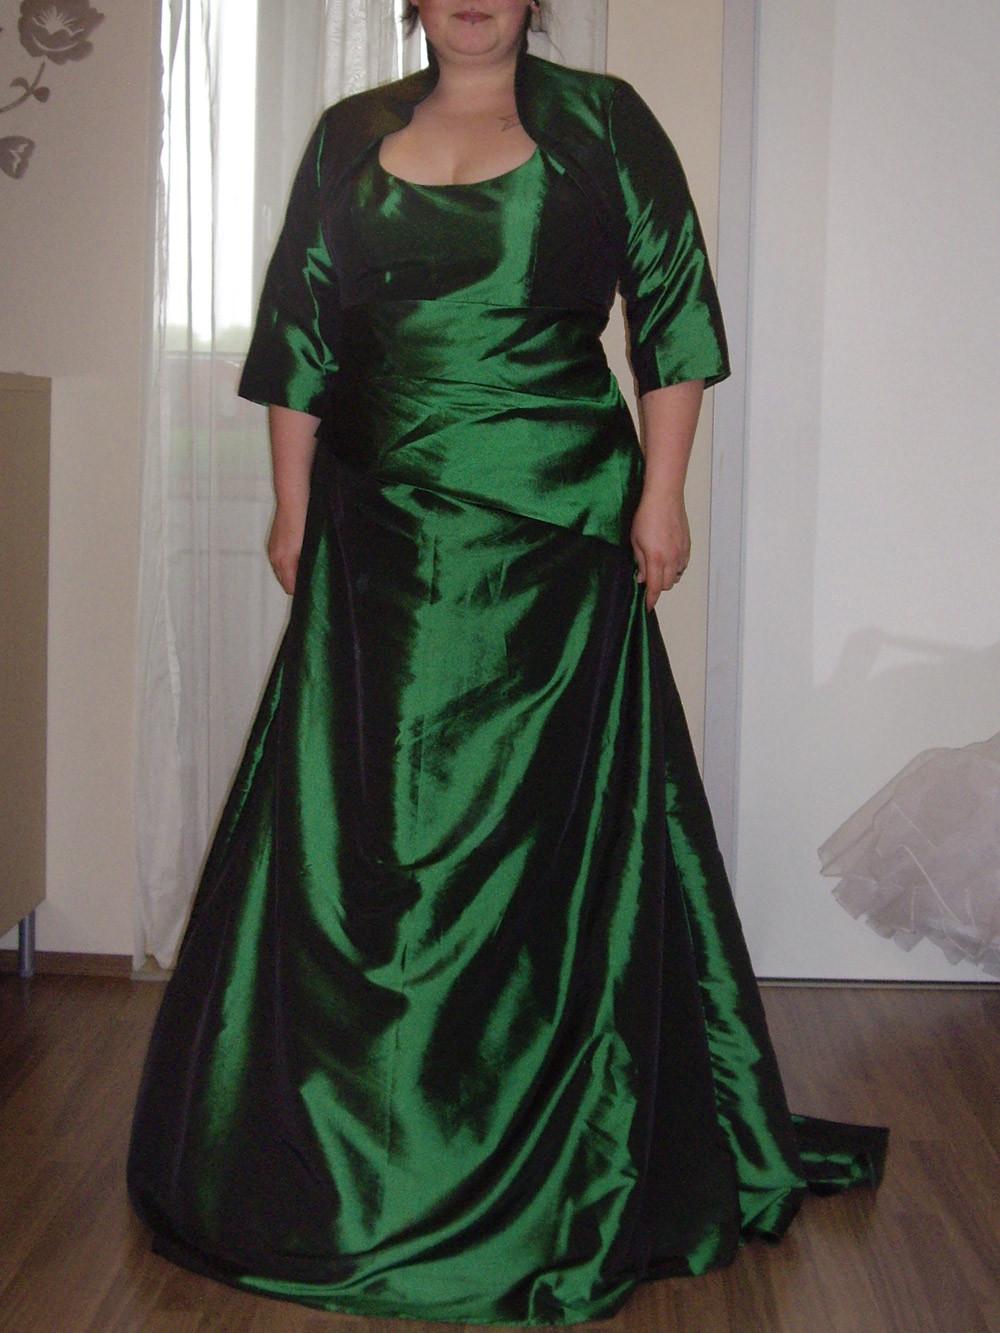 Hochzeitskleid Grün  Punk Girl Brautkleid in grün – Cindy & Ella Hamburg